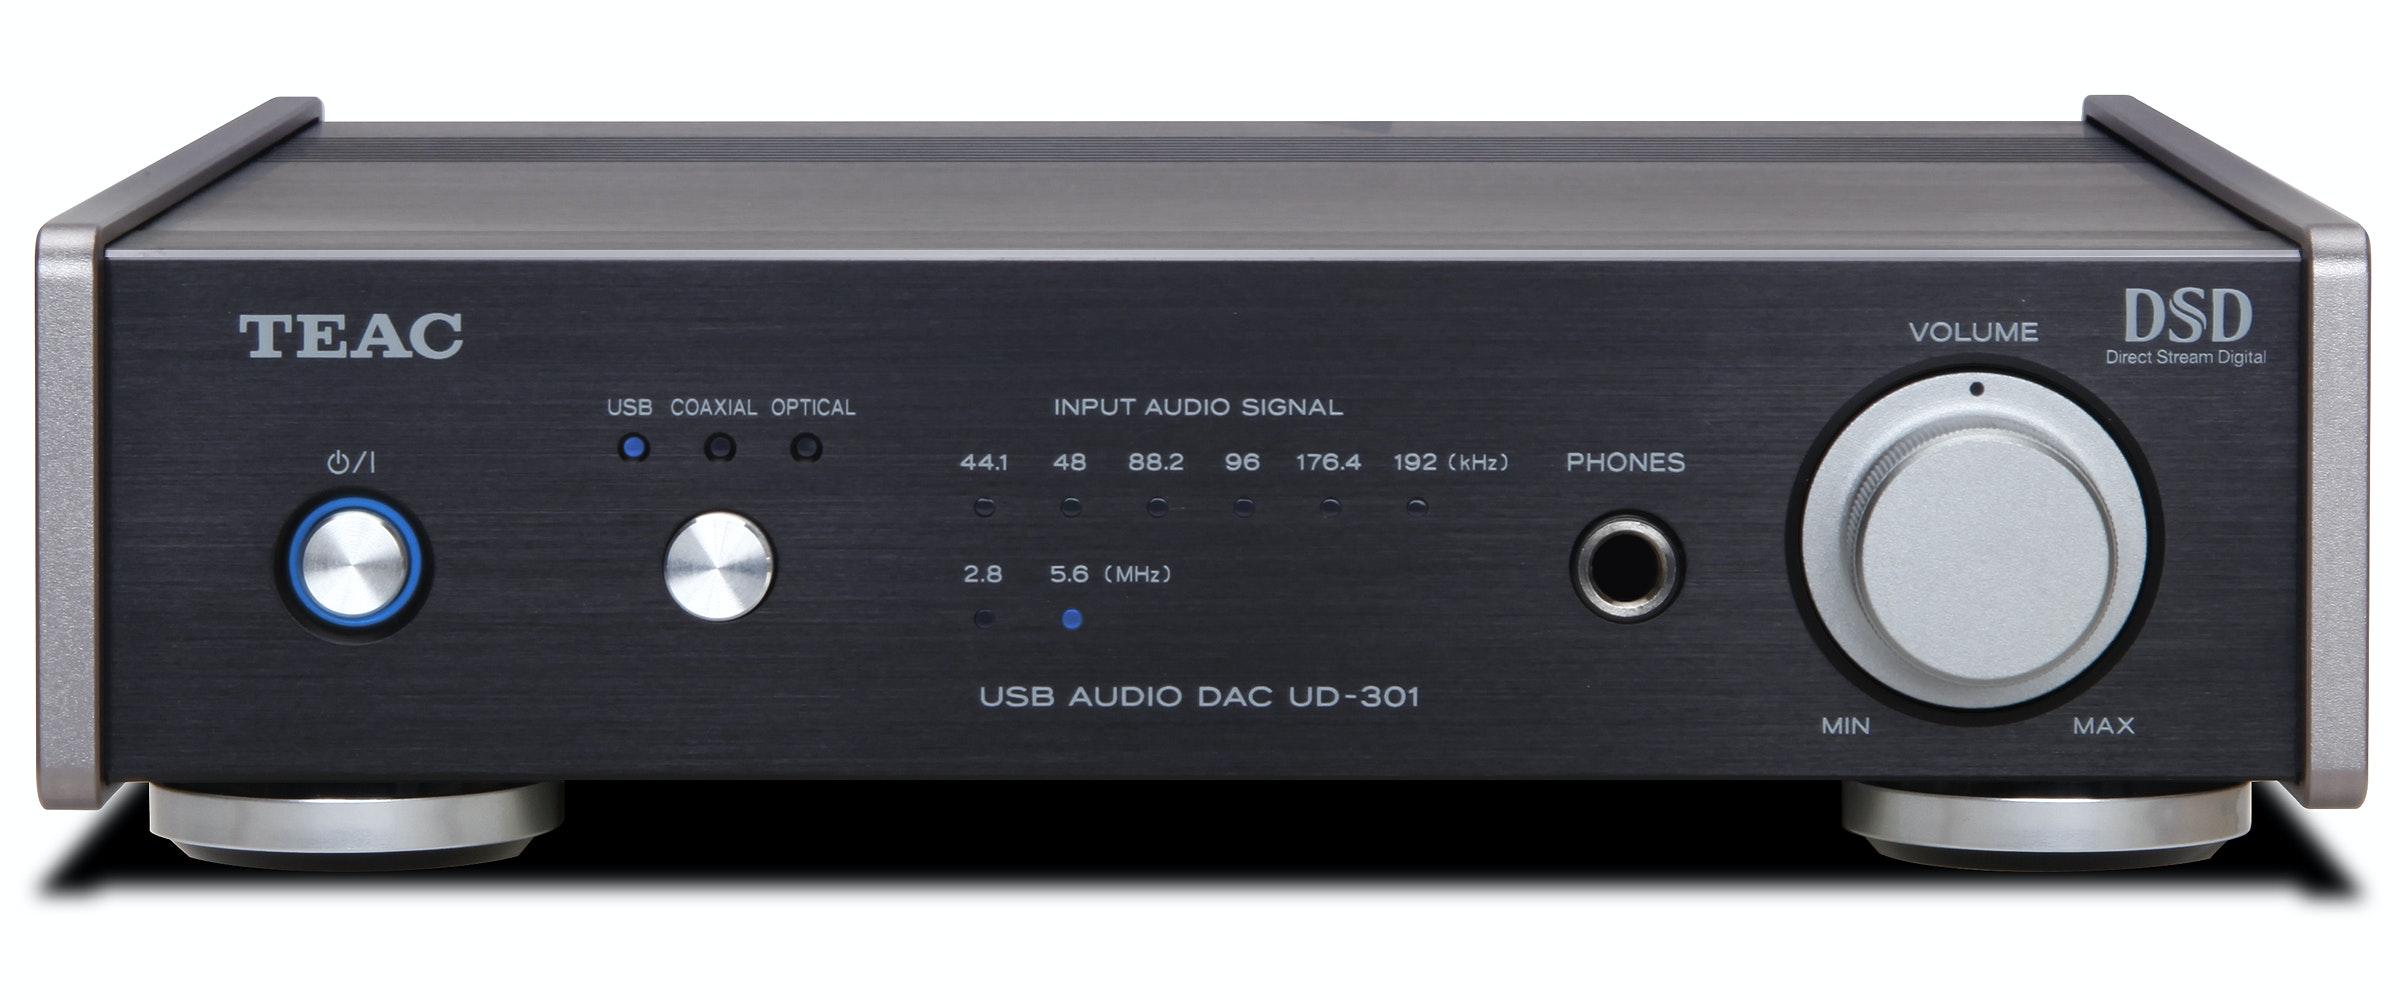 UD-301 | TEAC